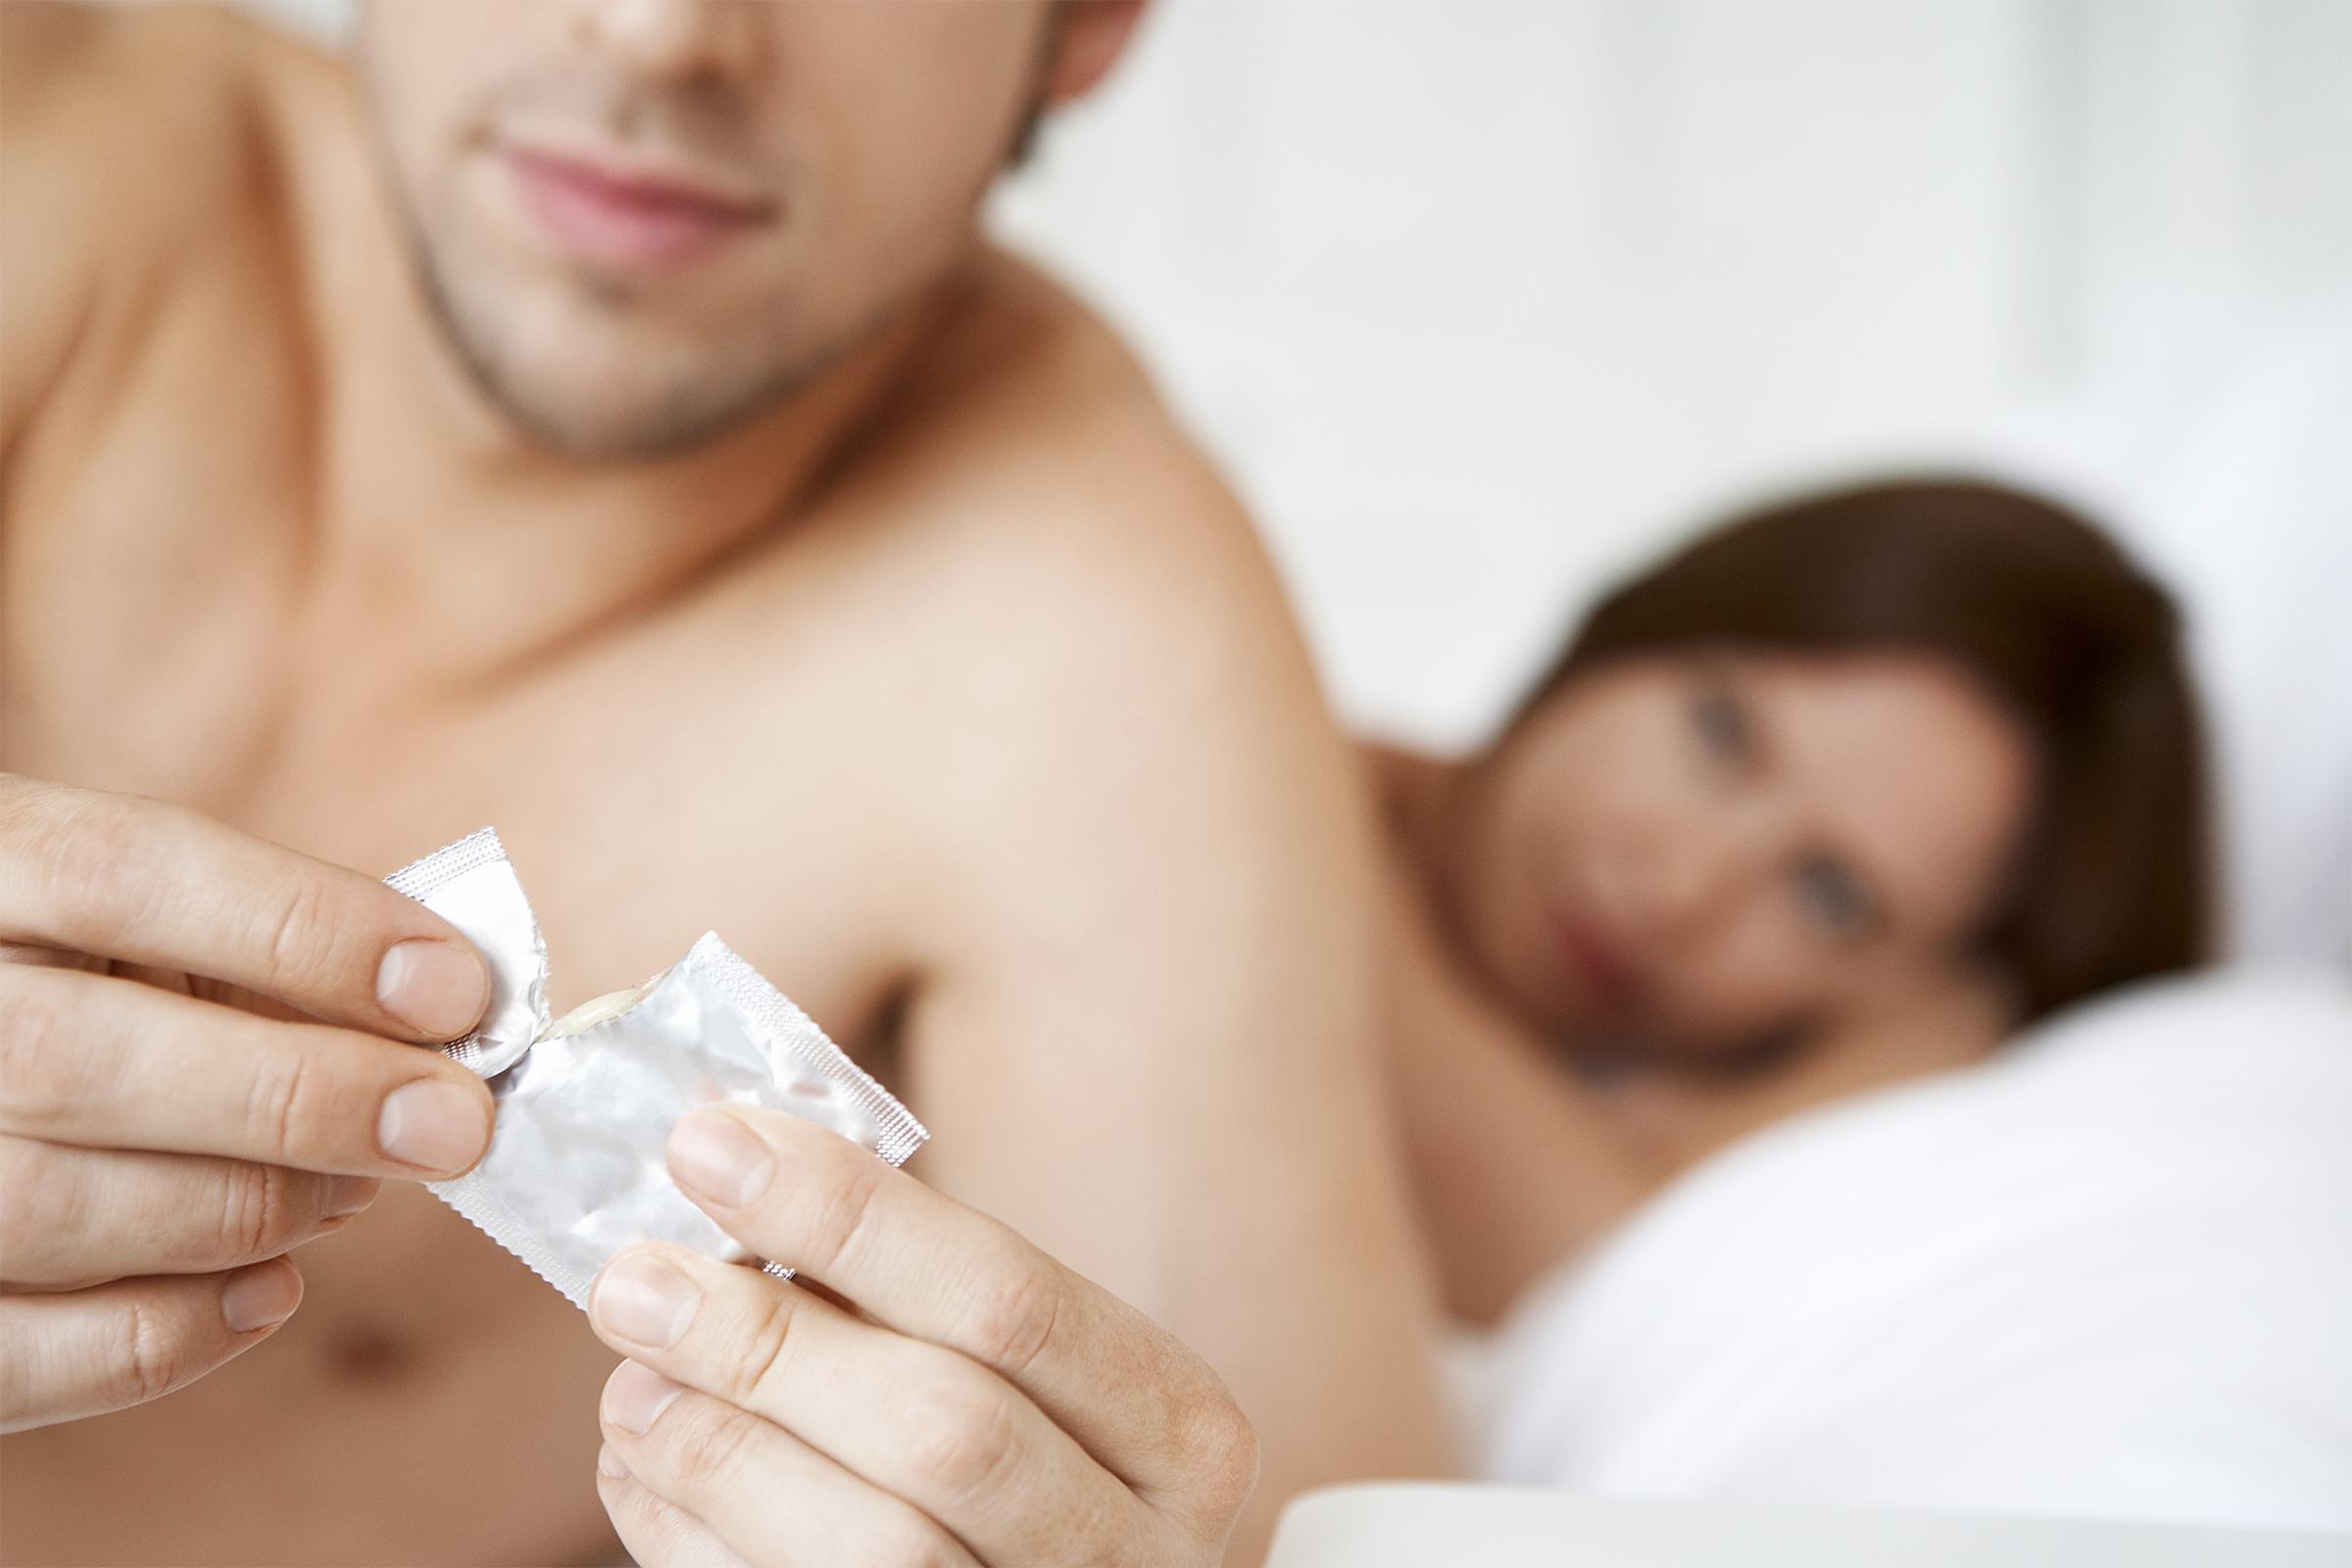 hpv anális szex fekete koksz szex